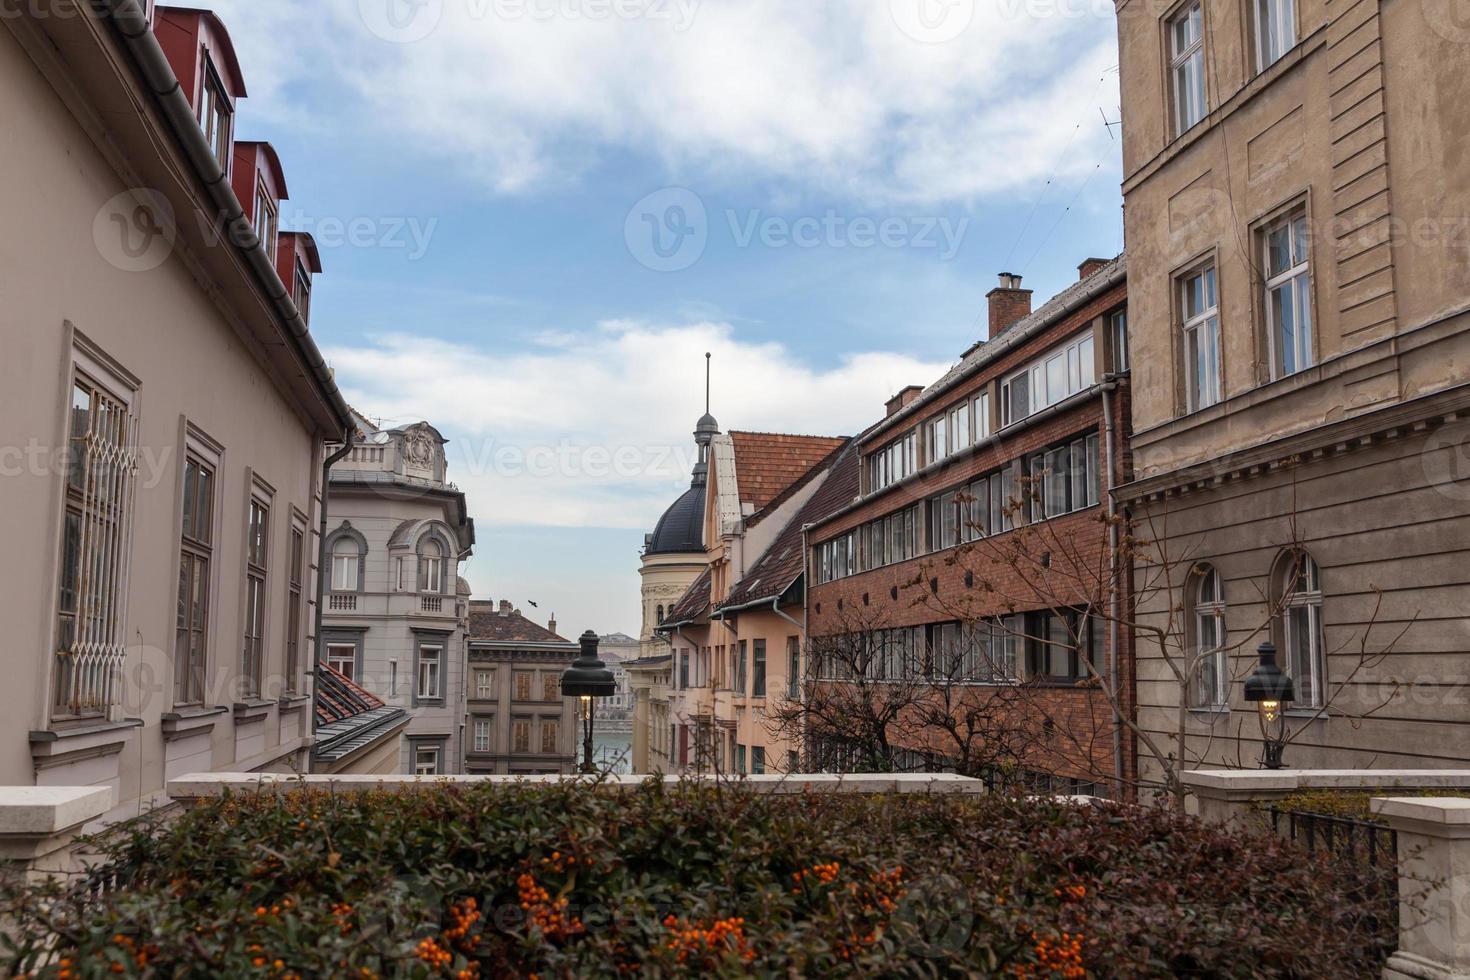 Gebäude im historischen Zentrum von Budapest, Ungarn foto